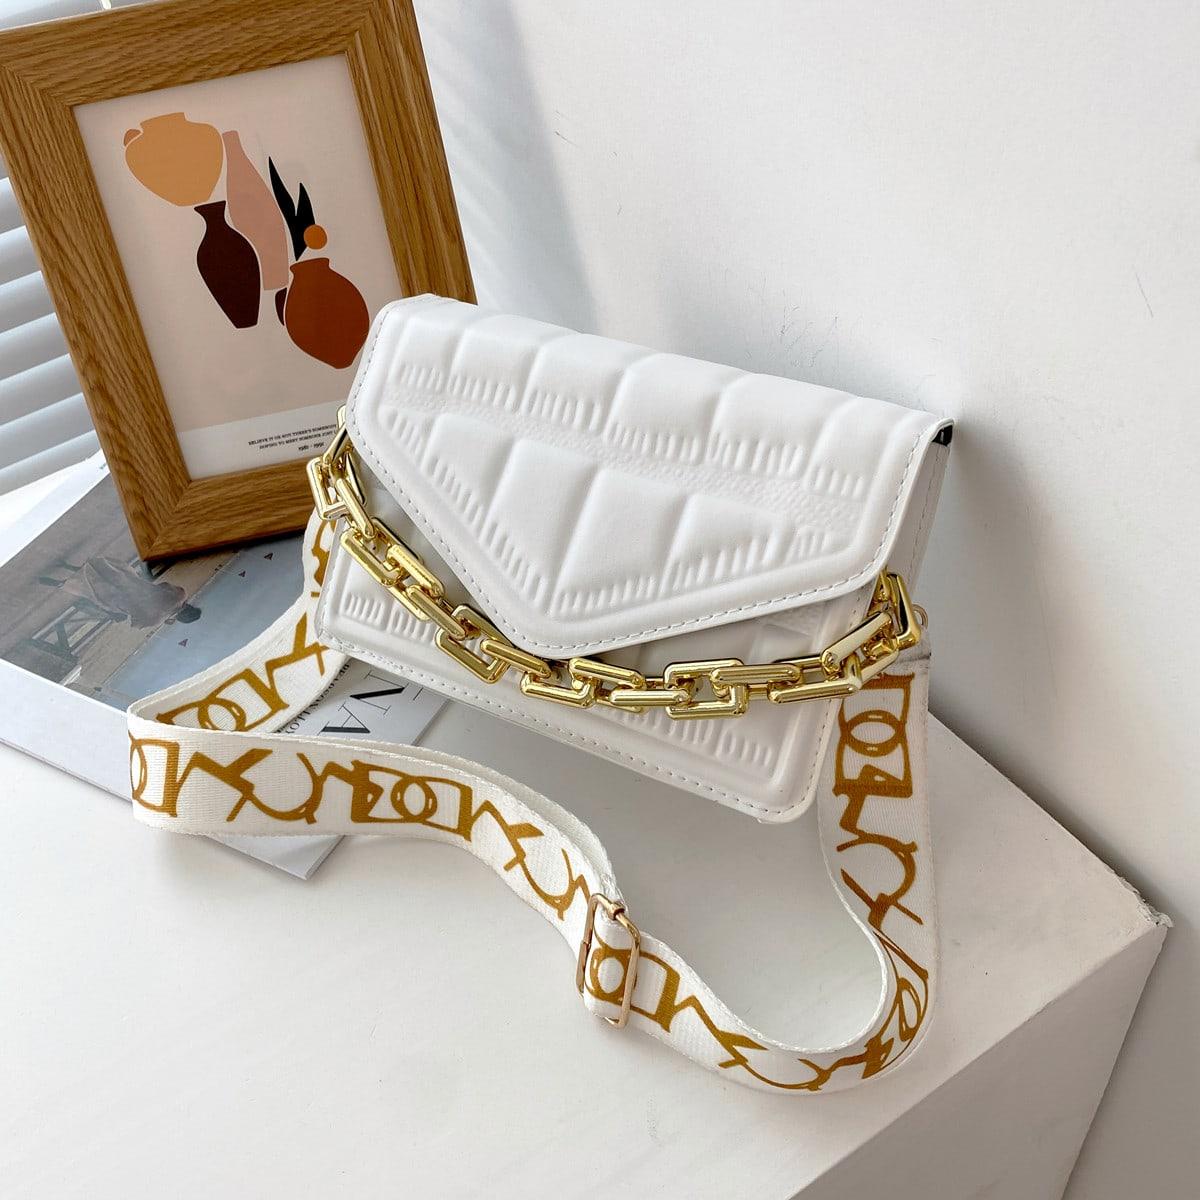 Минималистичная сумка-сэтчел с цепочкой из зерненого камня